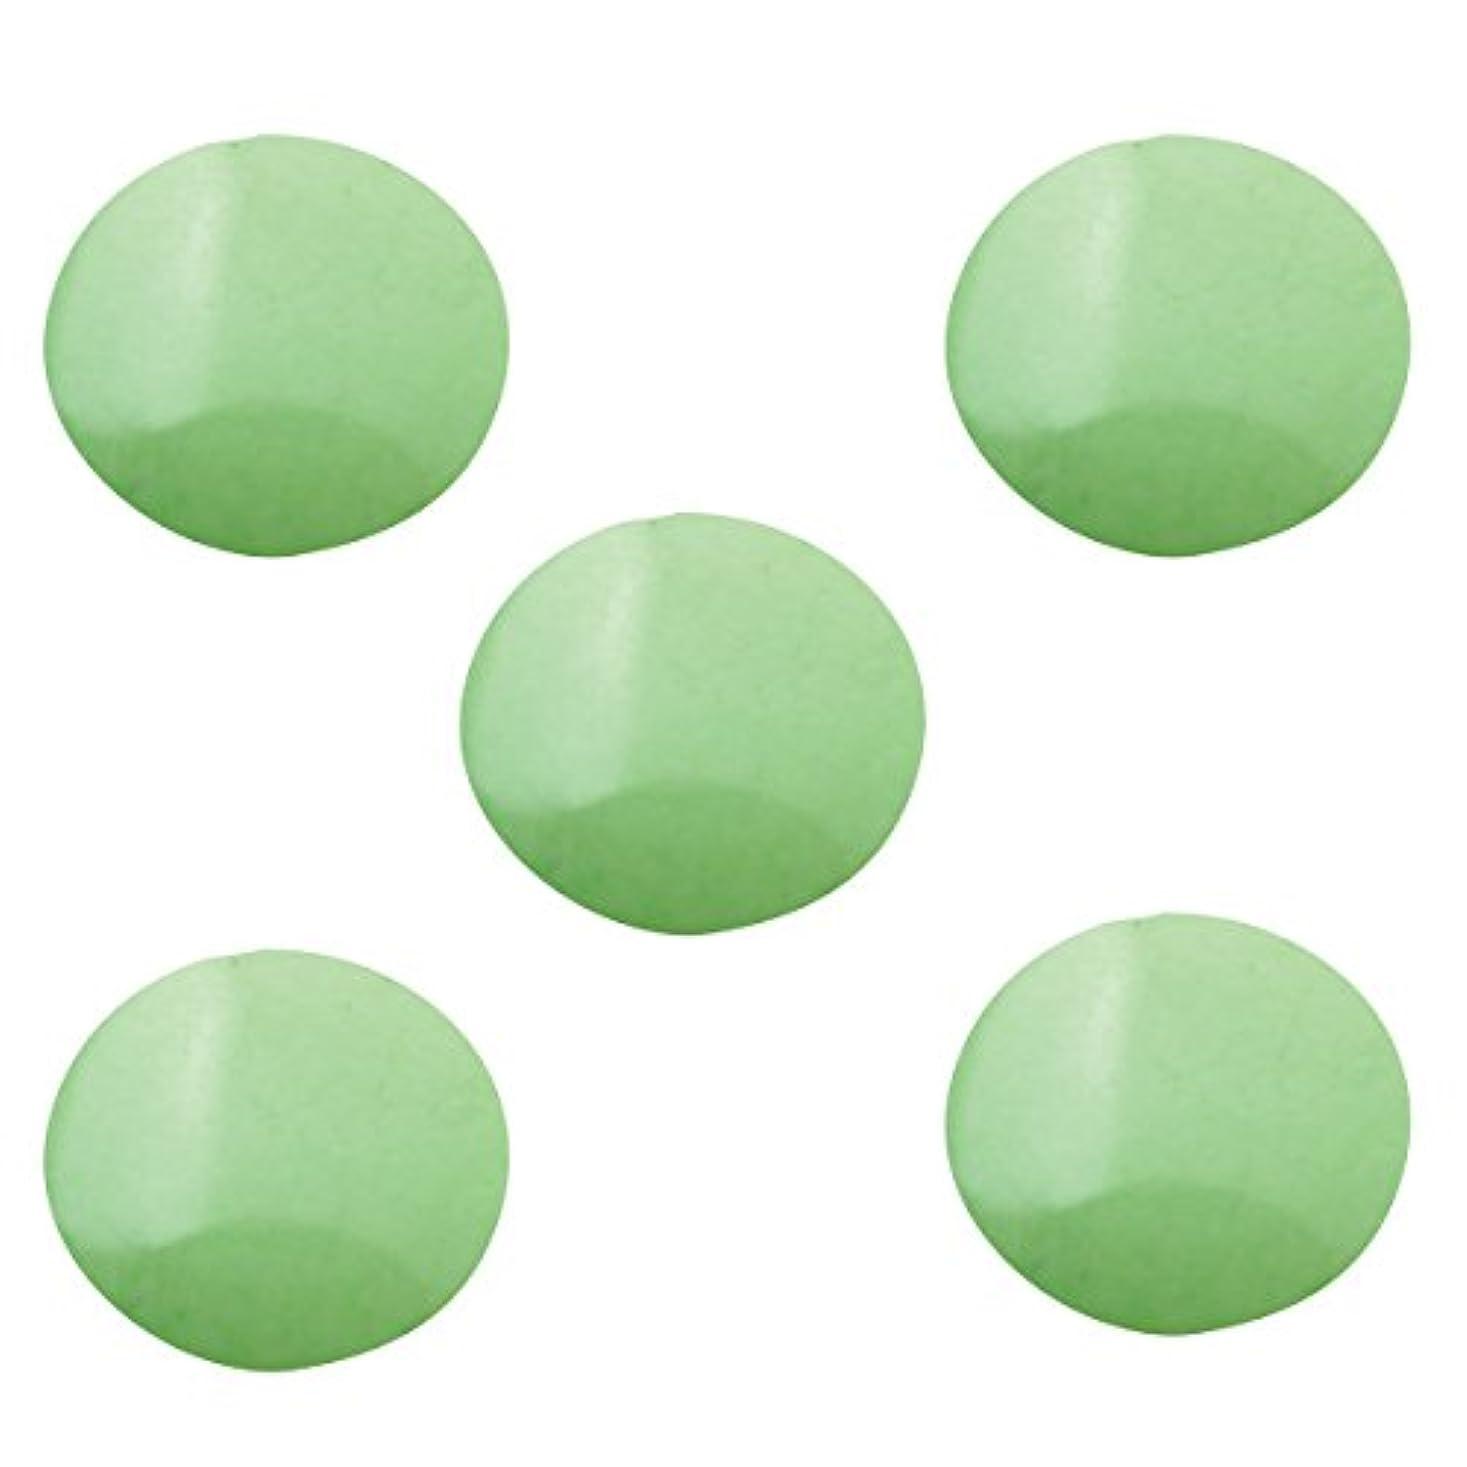 保持する架空の誤解するパステルスタッズ ラウンド 3mm (100個入り) グリーン